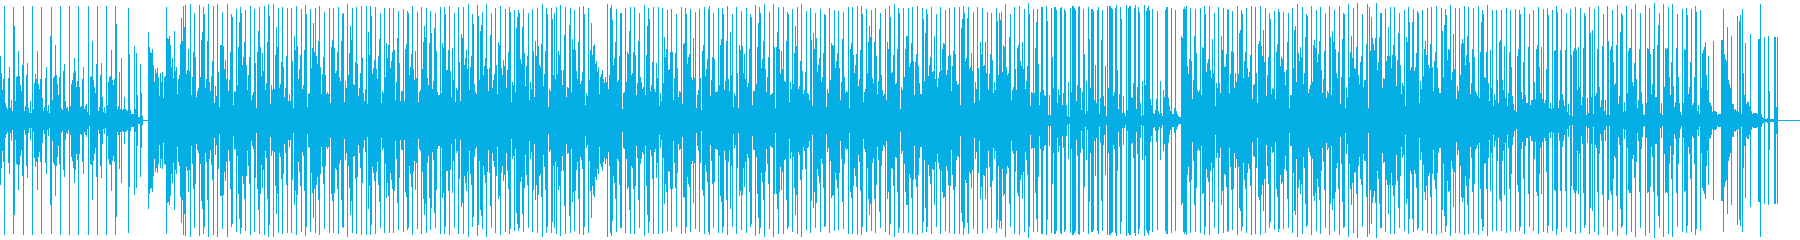 ■ビート ■ピアノ ■エモーショナル の再生済みの波形